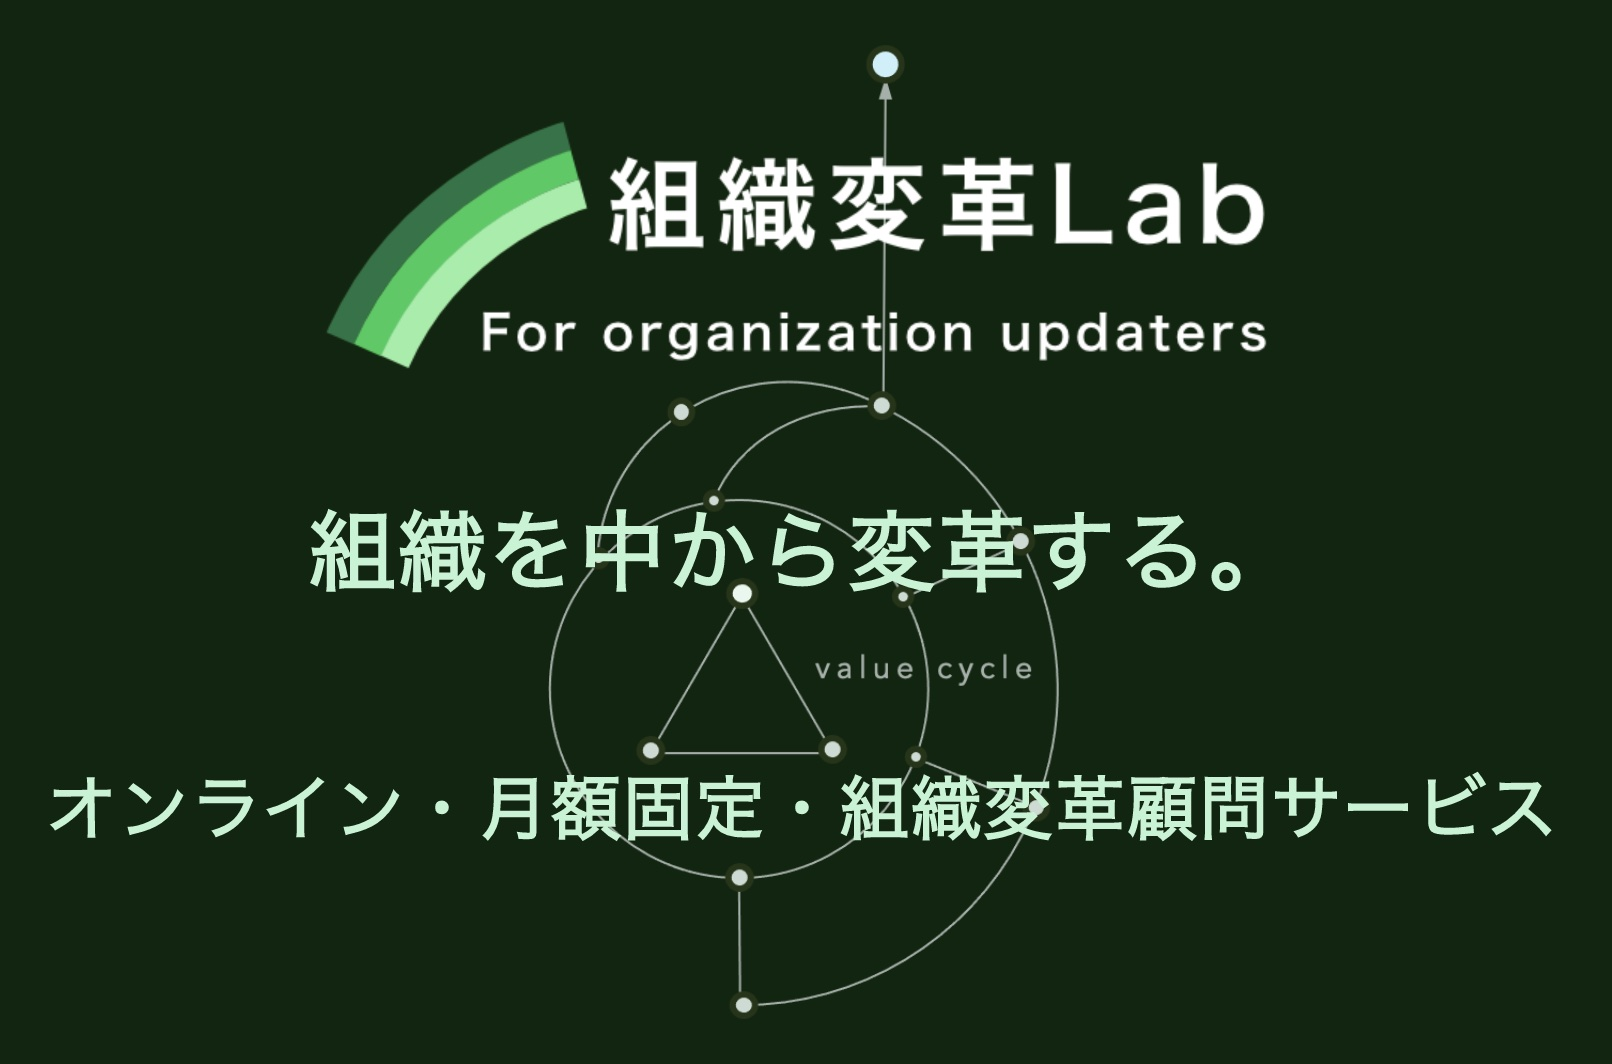 オンライン・月額固定の組織変革顧問サービス『組織変革Lab』バナー